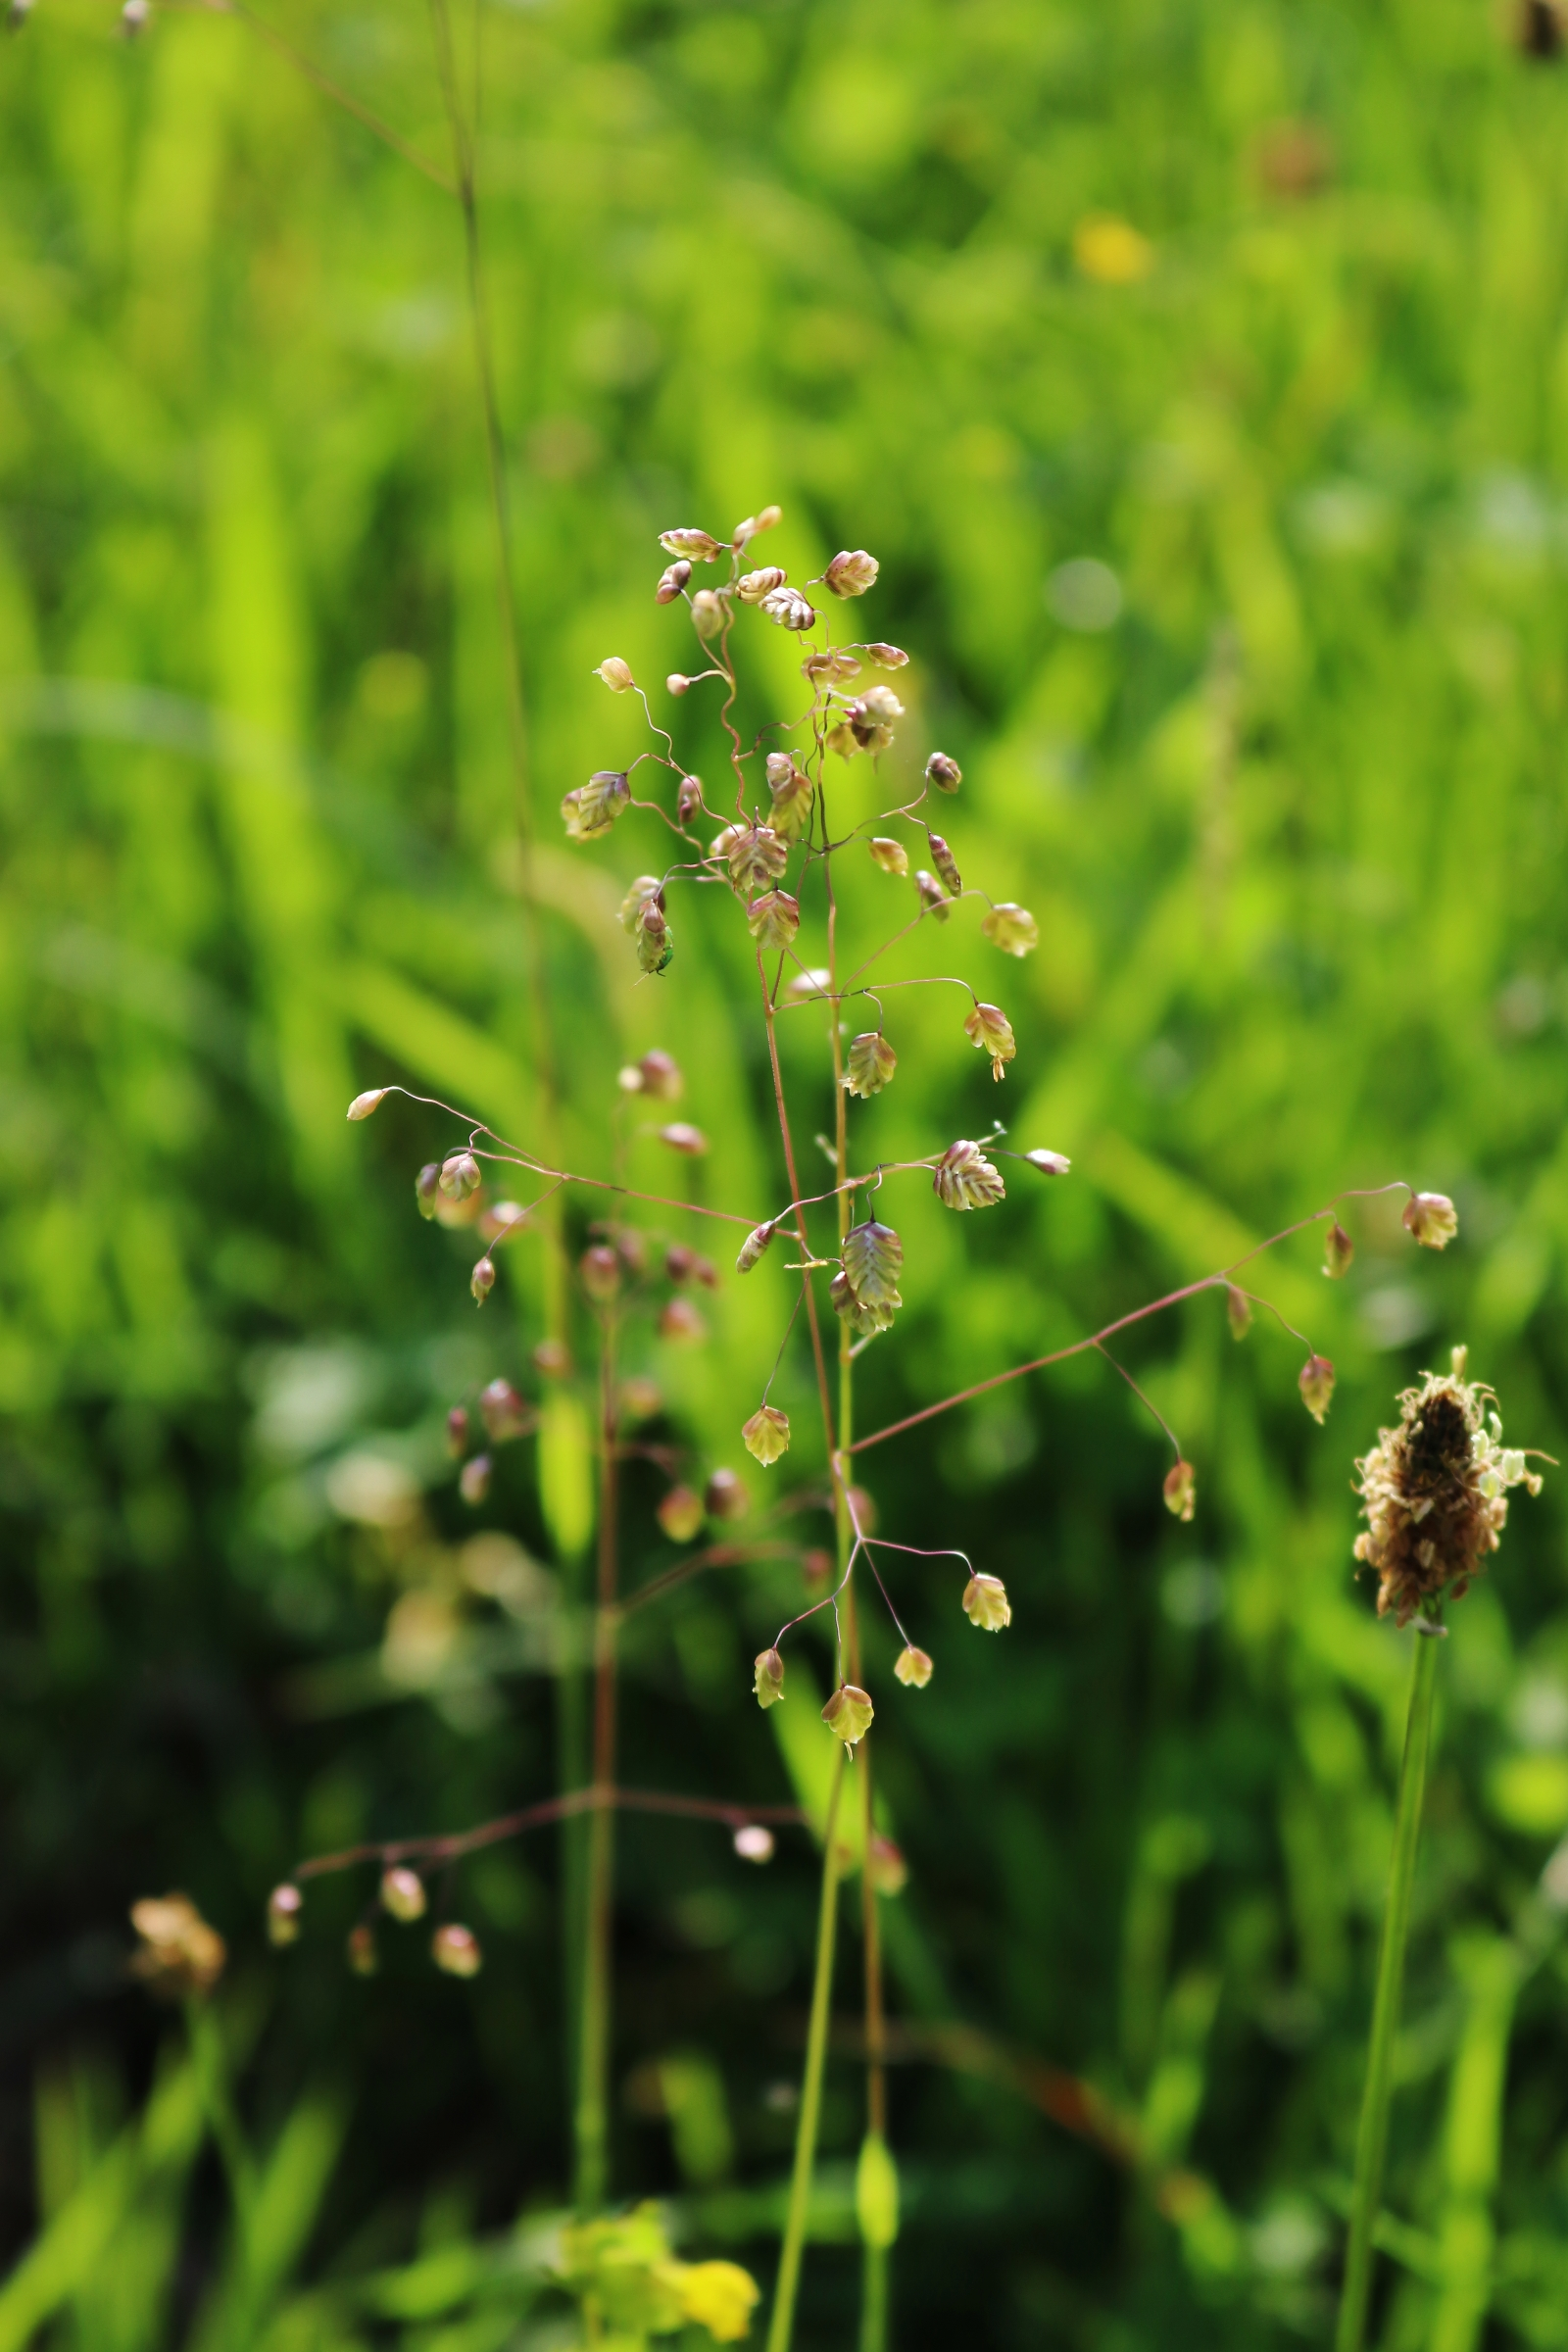 Zittergras - Blütenähre